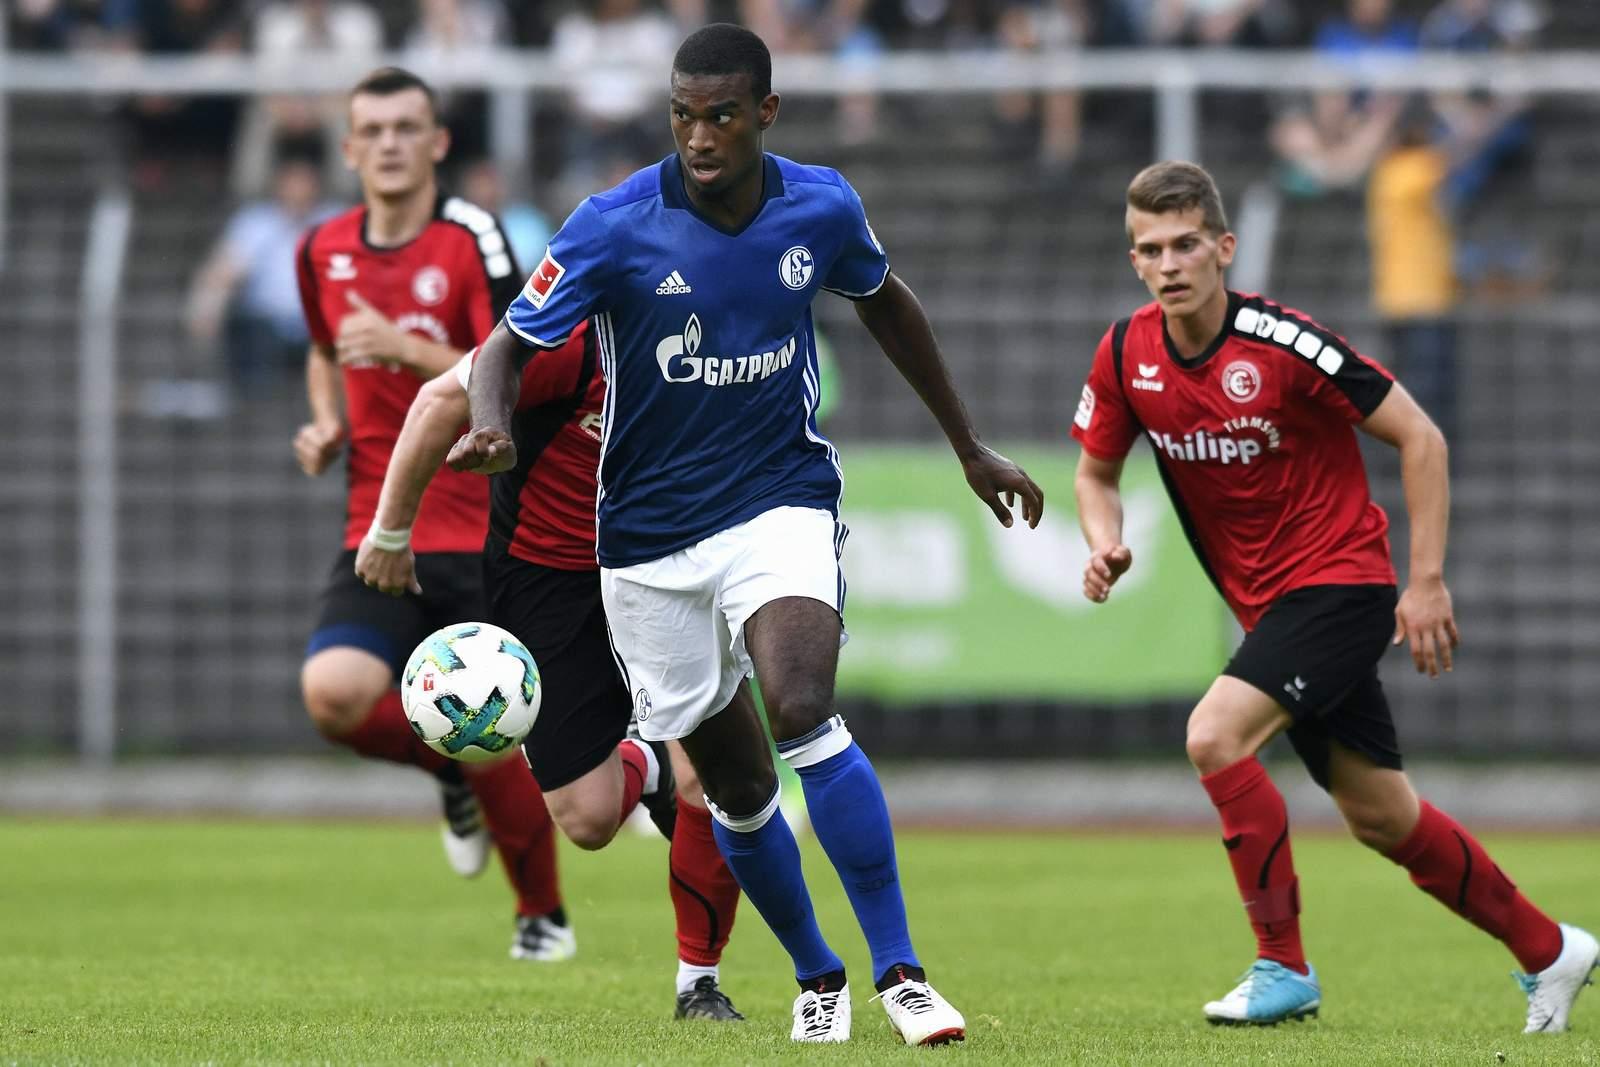 Haji Wright vom FC Schalke 04 am Ball. Er schließt sich auf Leihbasis dem SV Sandhausen an.